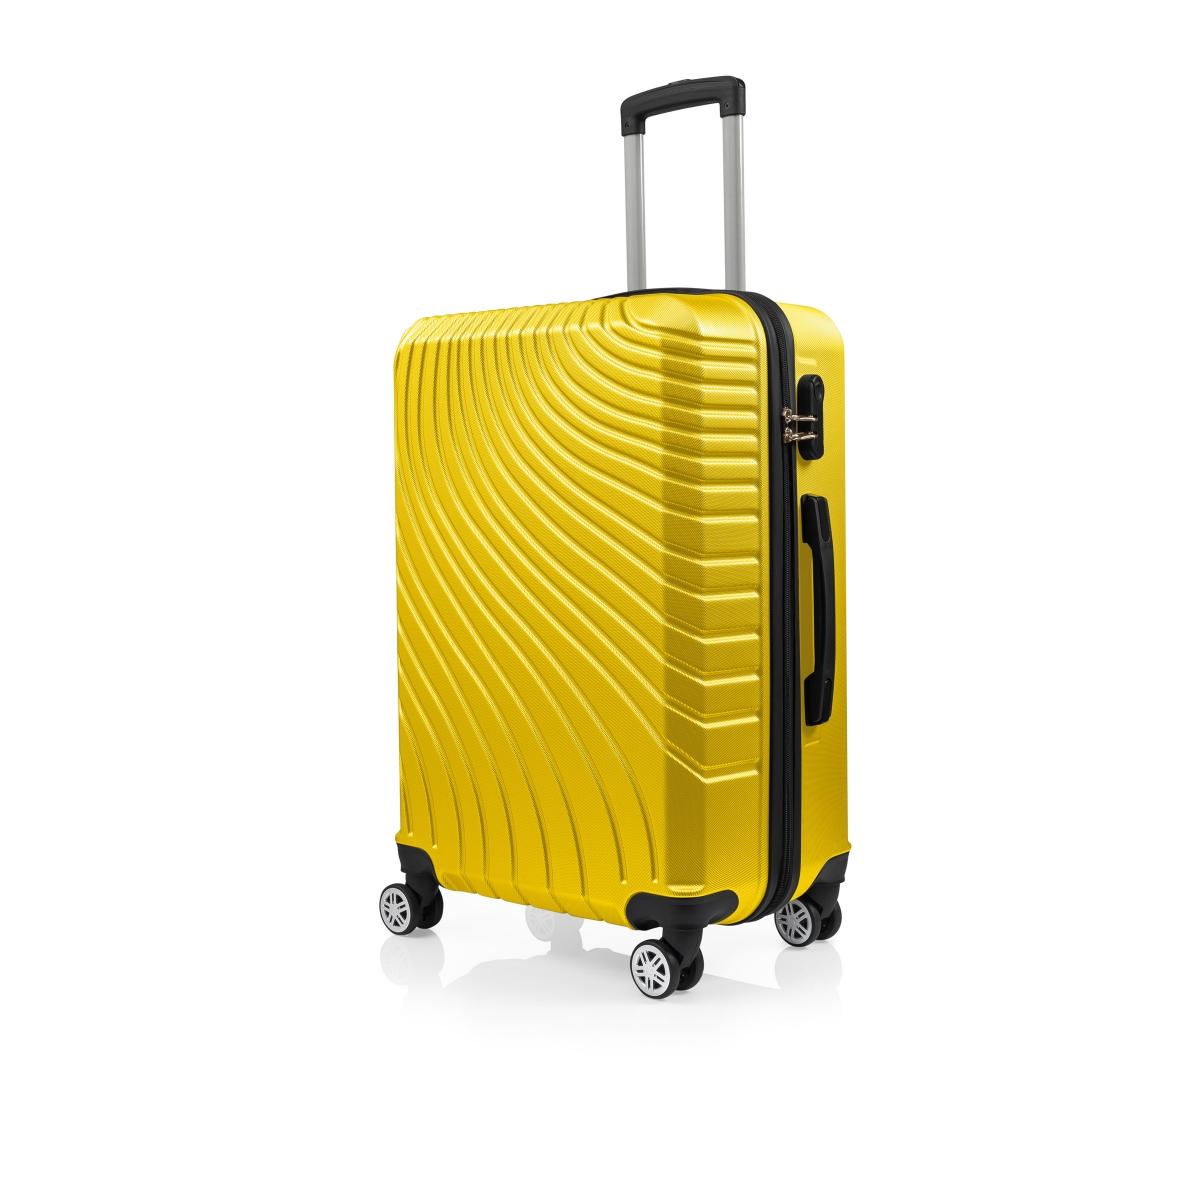 Gedox Abs 3'lü Valiz Seyahat Seti - Model:700.12 Sarı